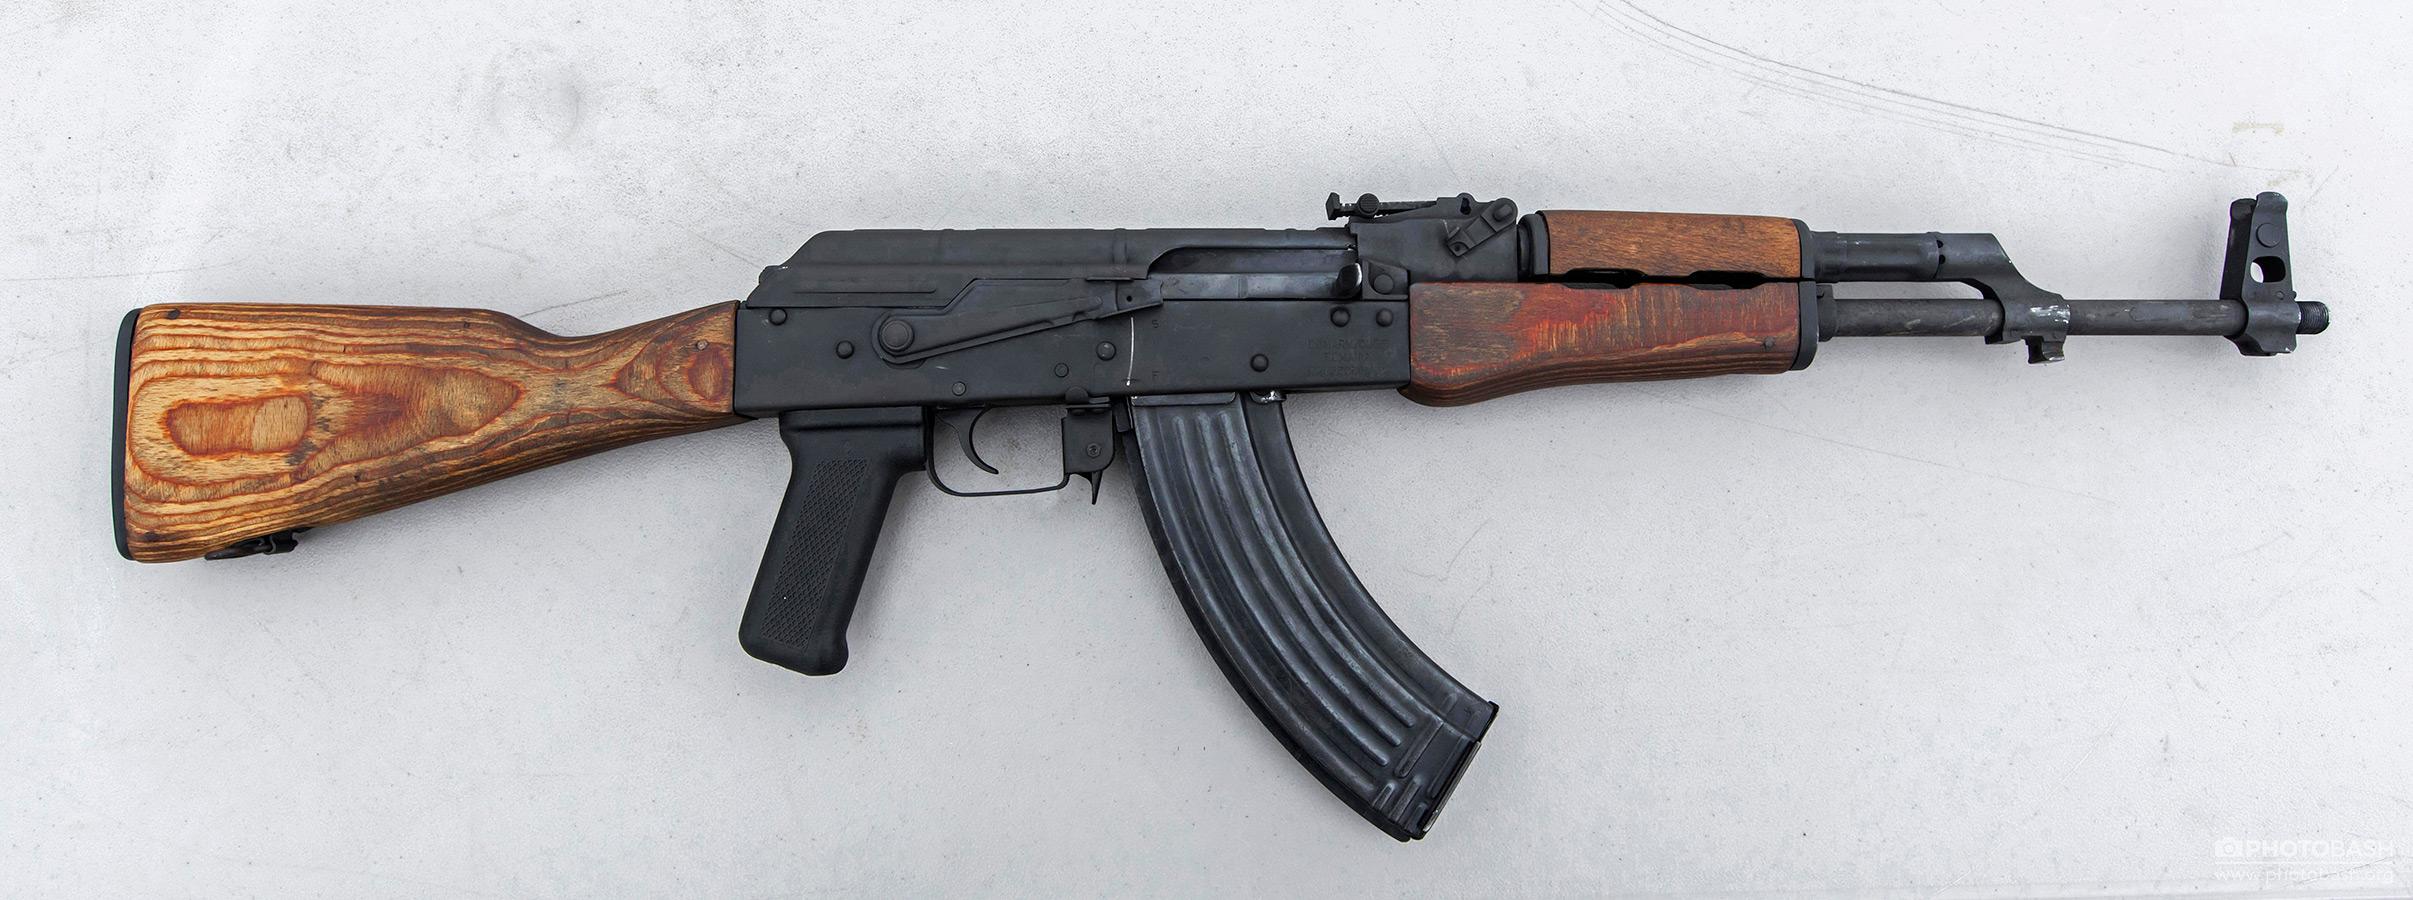 Bullets-Firearms-Rifle-Gun-AK47.jpg